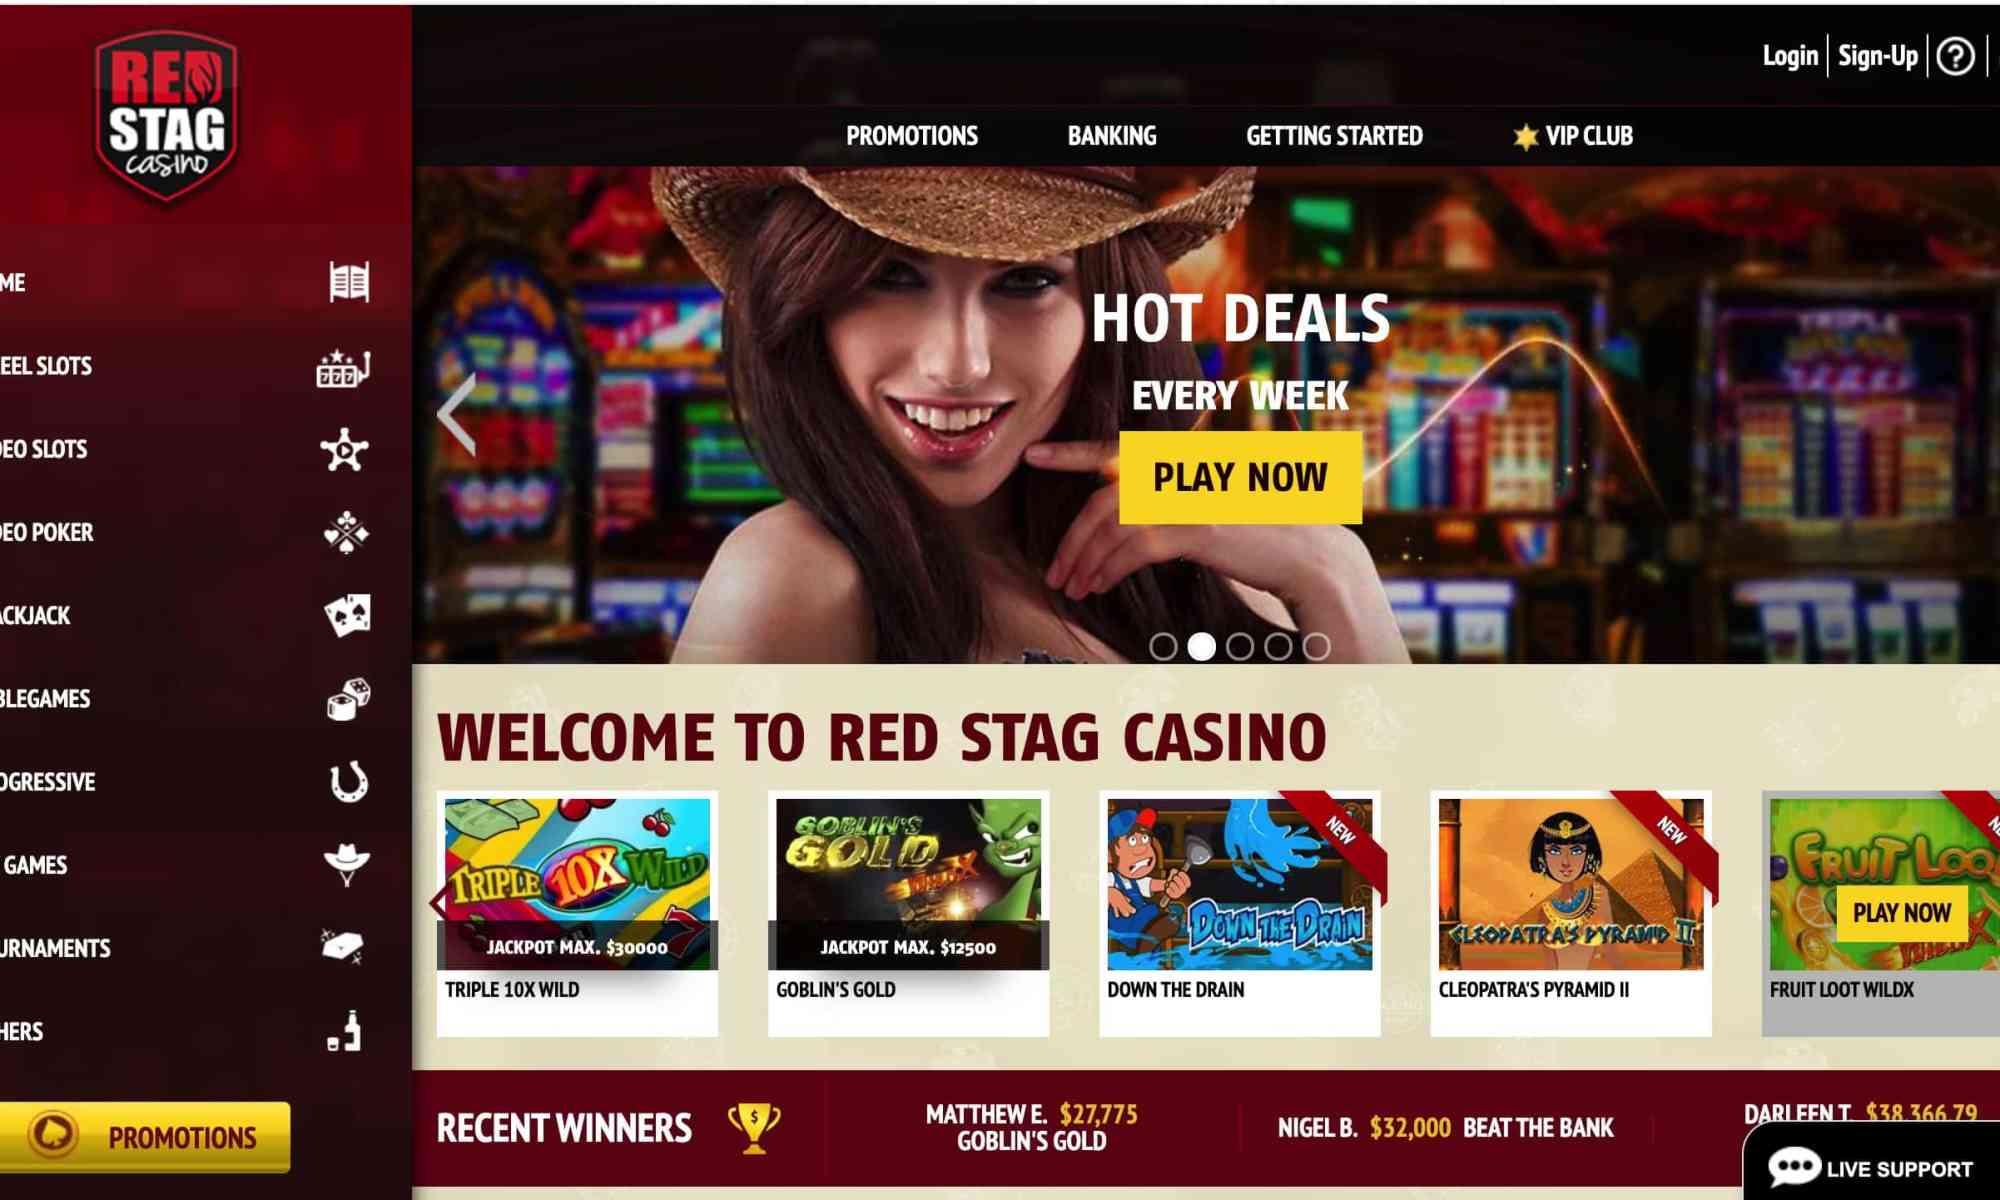 Red Stag Casino - $2500 Bonus + $5 Chip